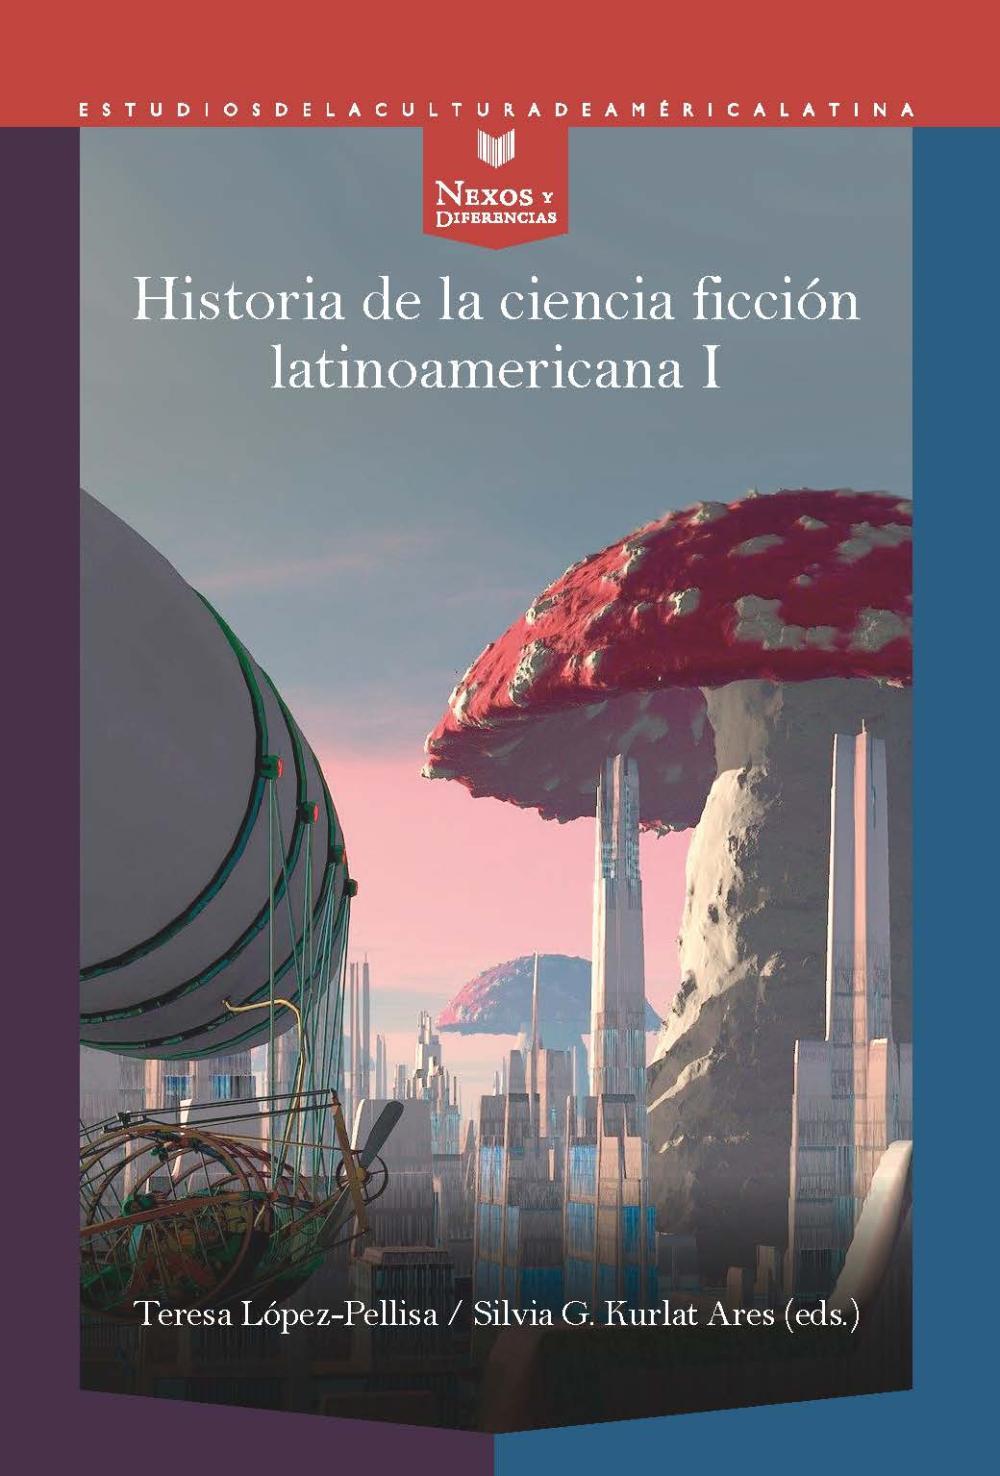 Historia de la ciencia ficción latinoamericana I